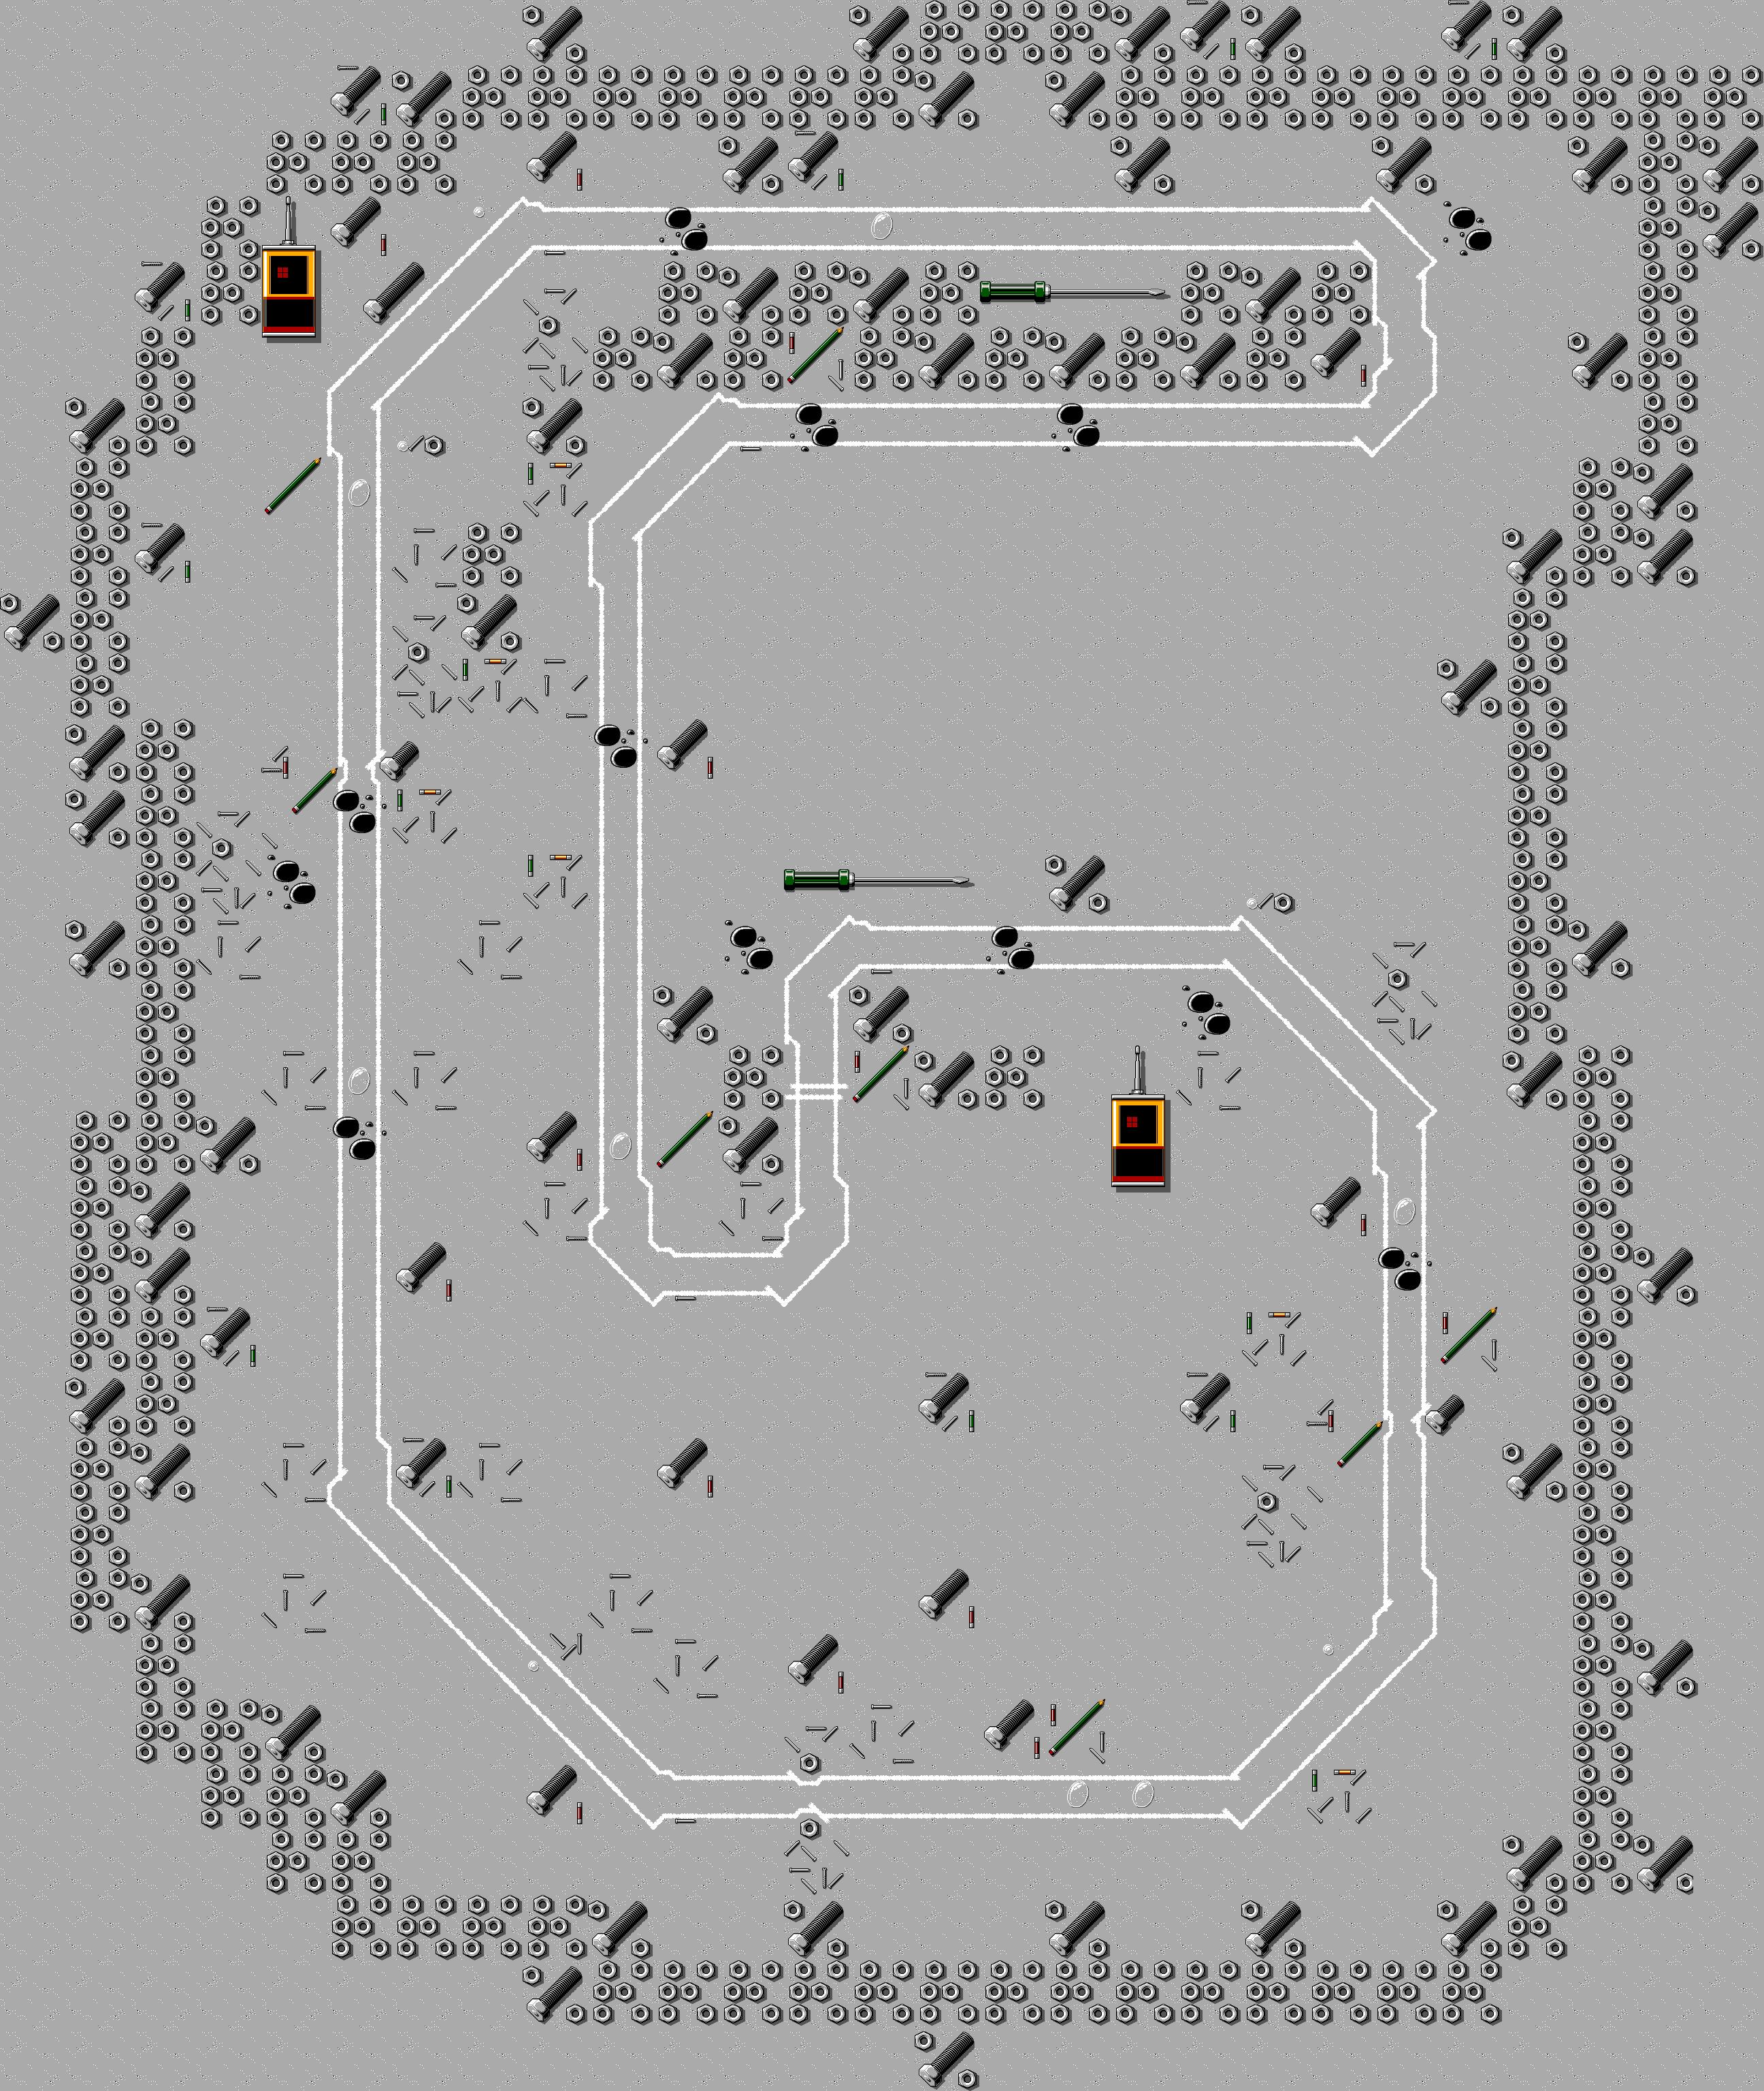 micro machines - maps